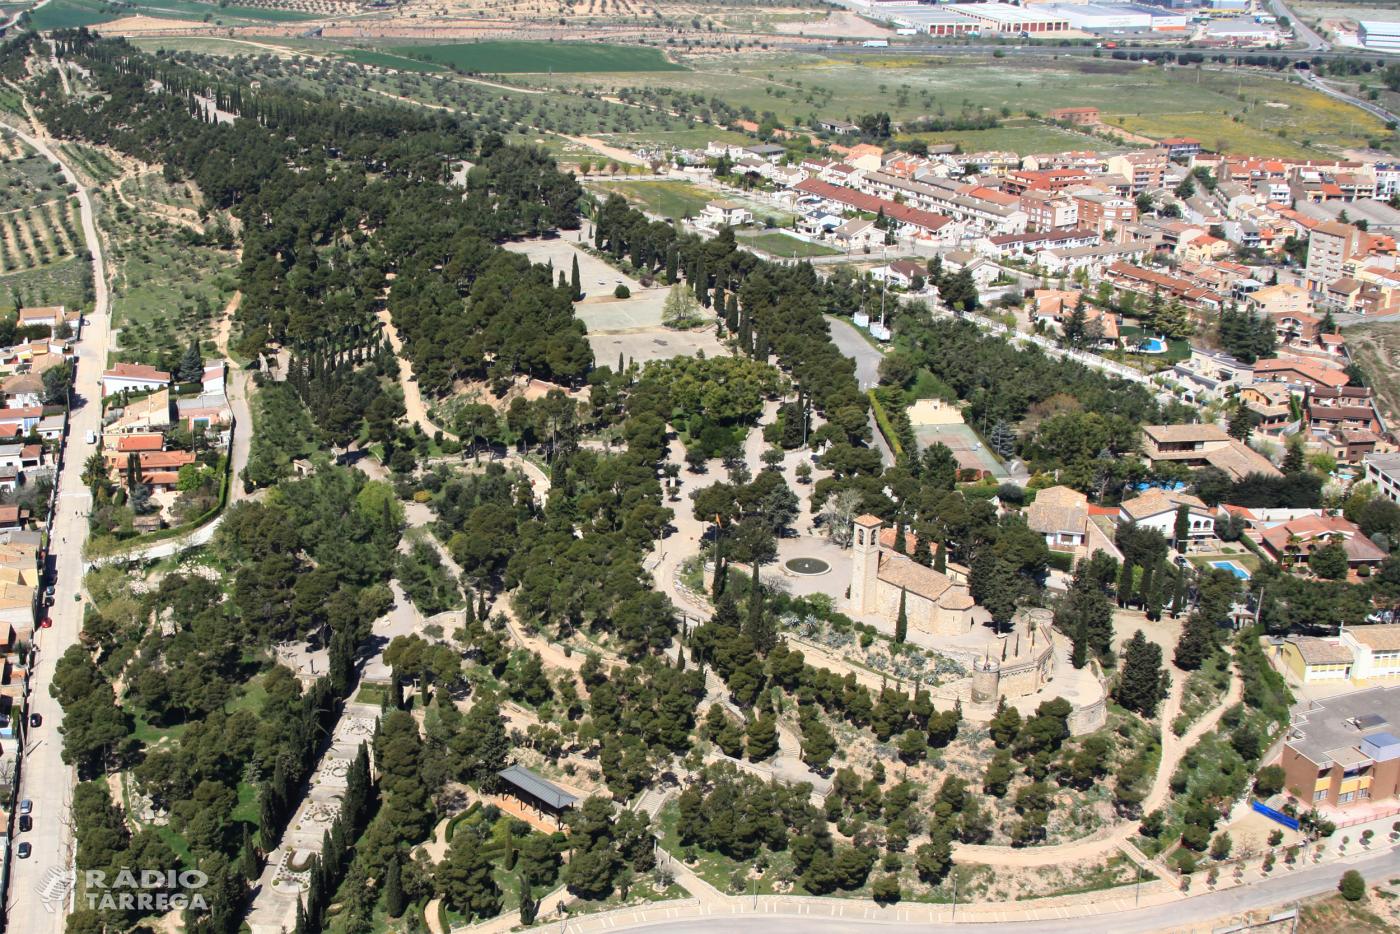 L'Associació Amics de l'Arbre, entitat que gestiona el parc de Sant Eloi de Tàrrega, començarà les obres de la nova plaça dedicada a Gonçal Crespo a partir del 15 de setembre